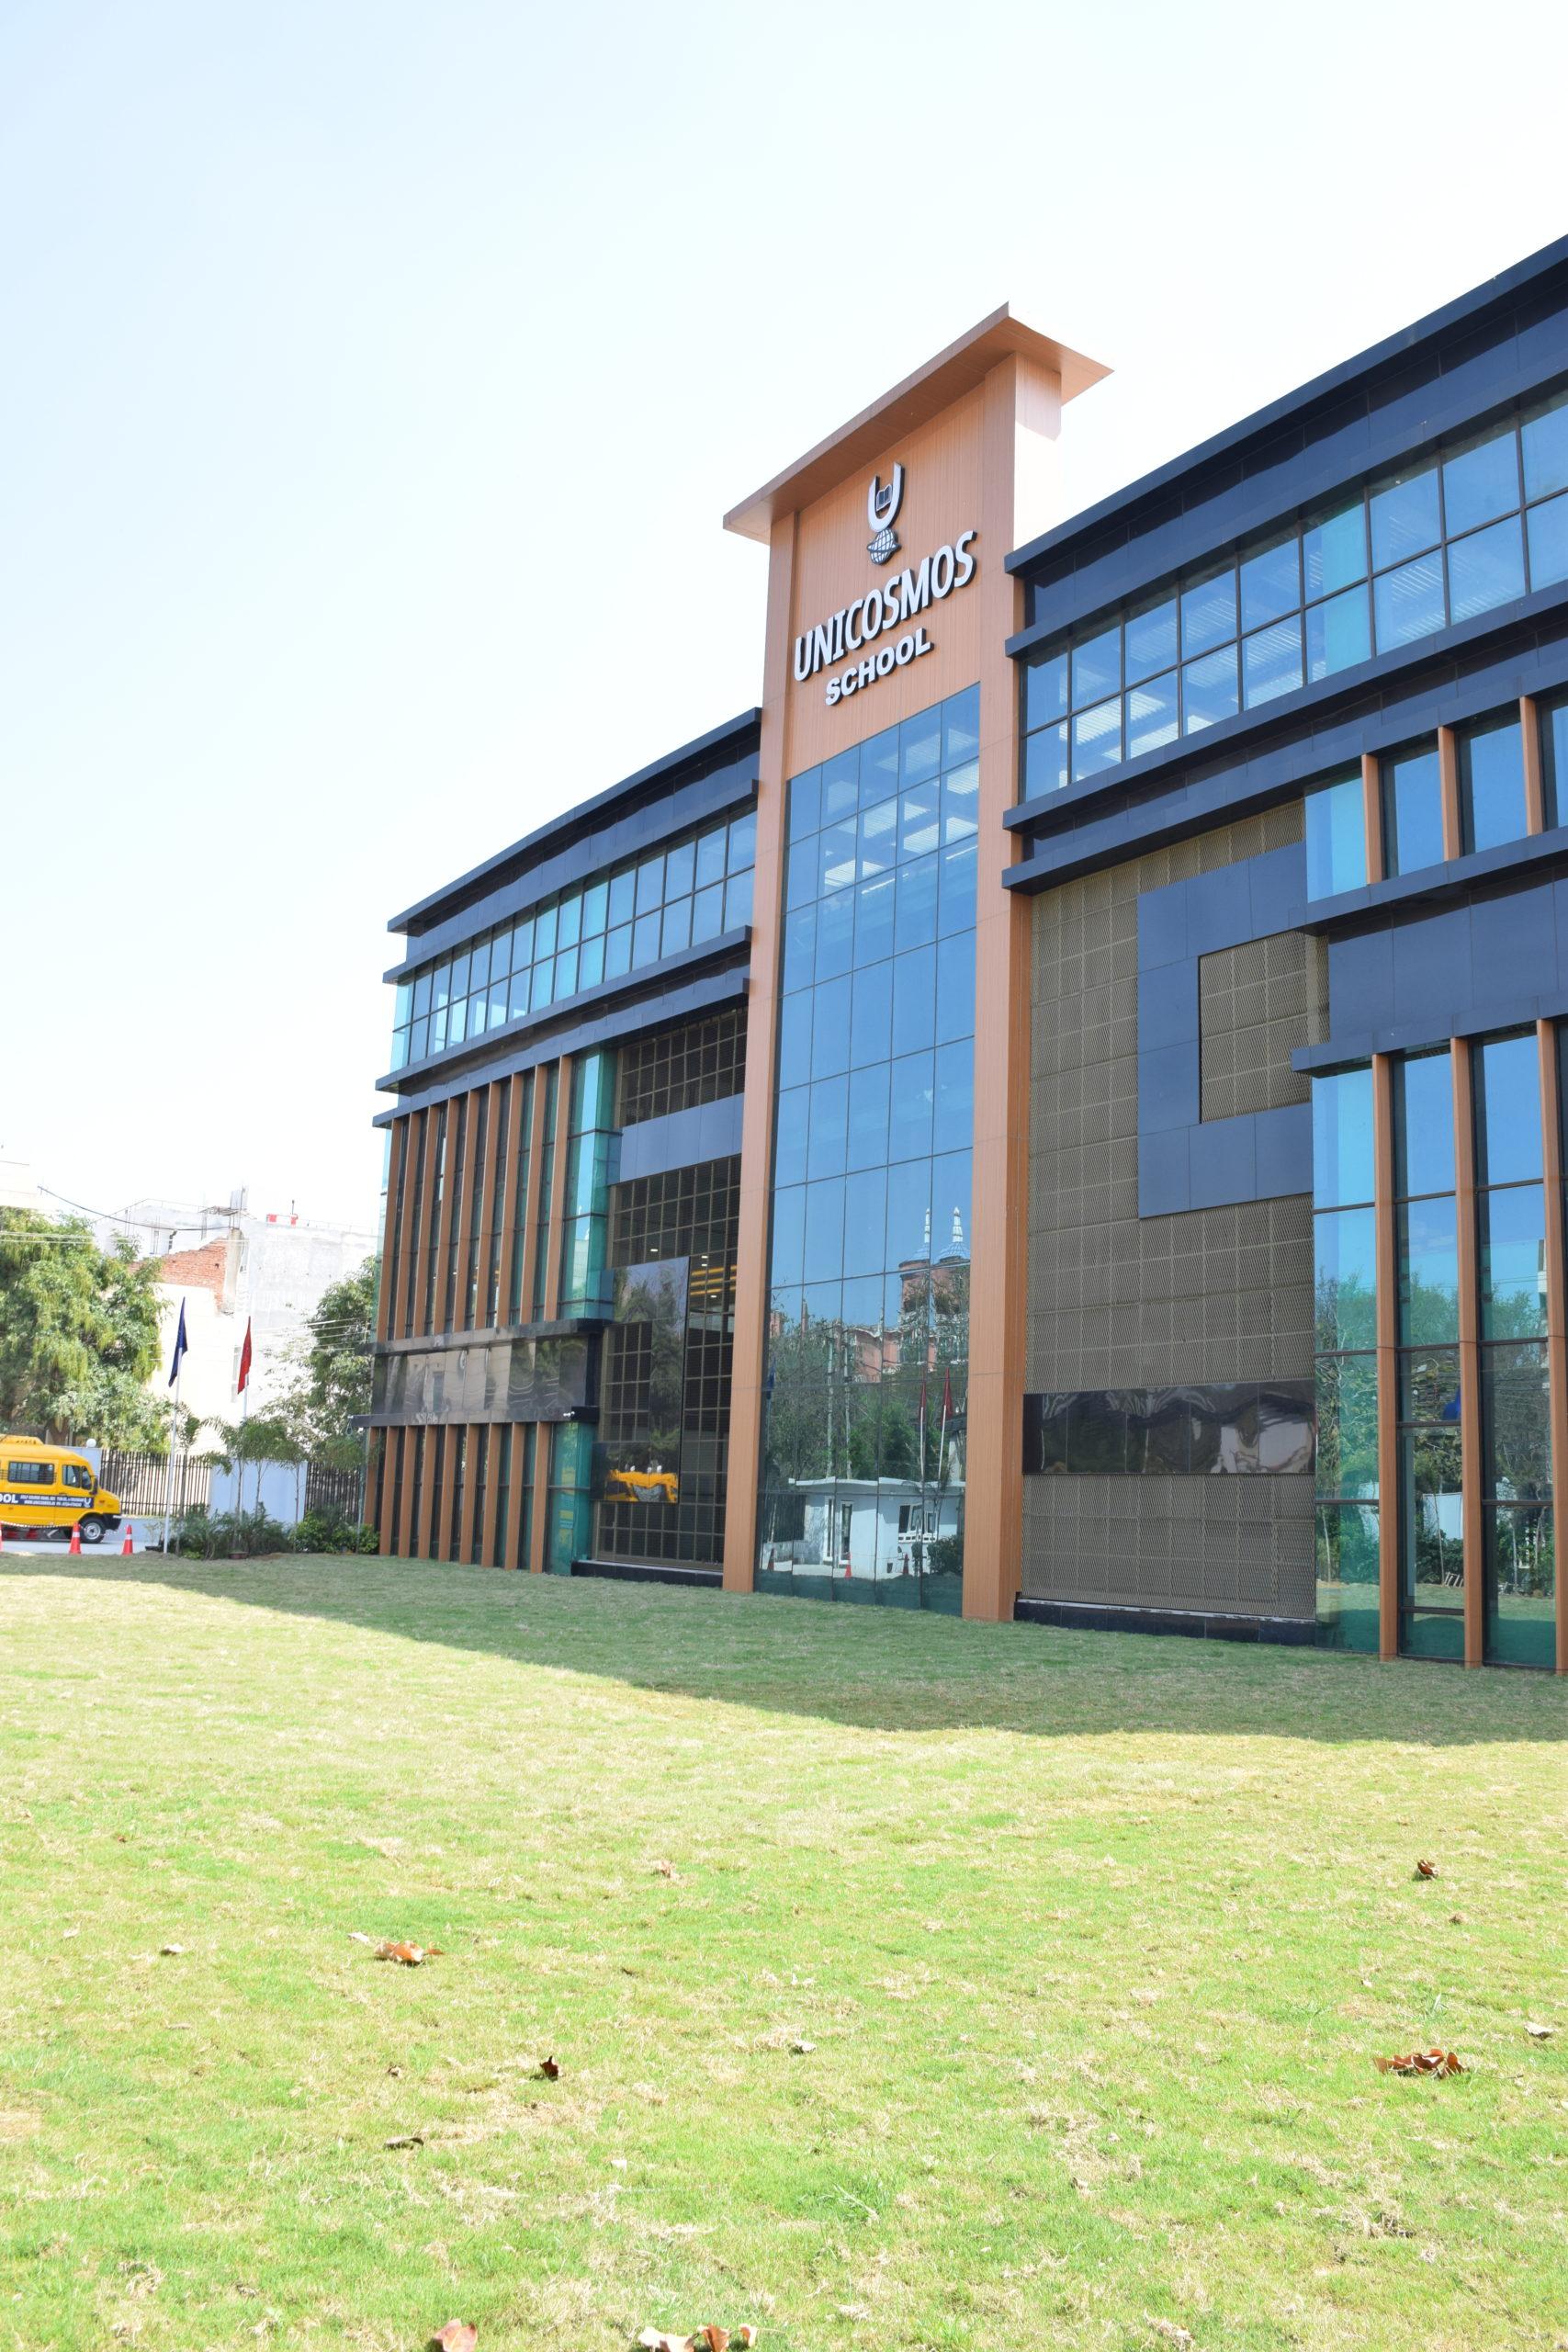 International school in Gurgaon